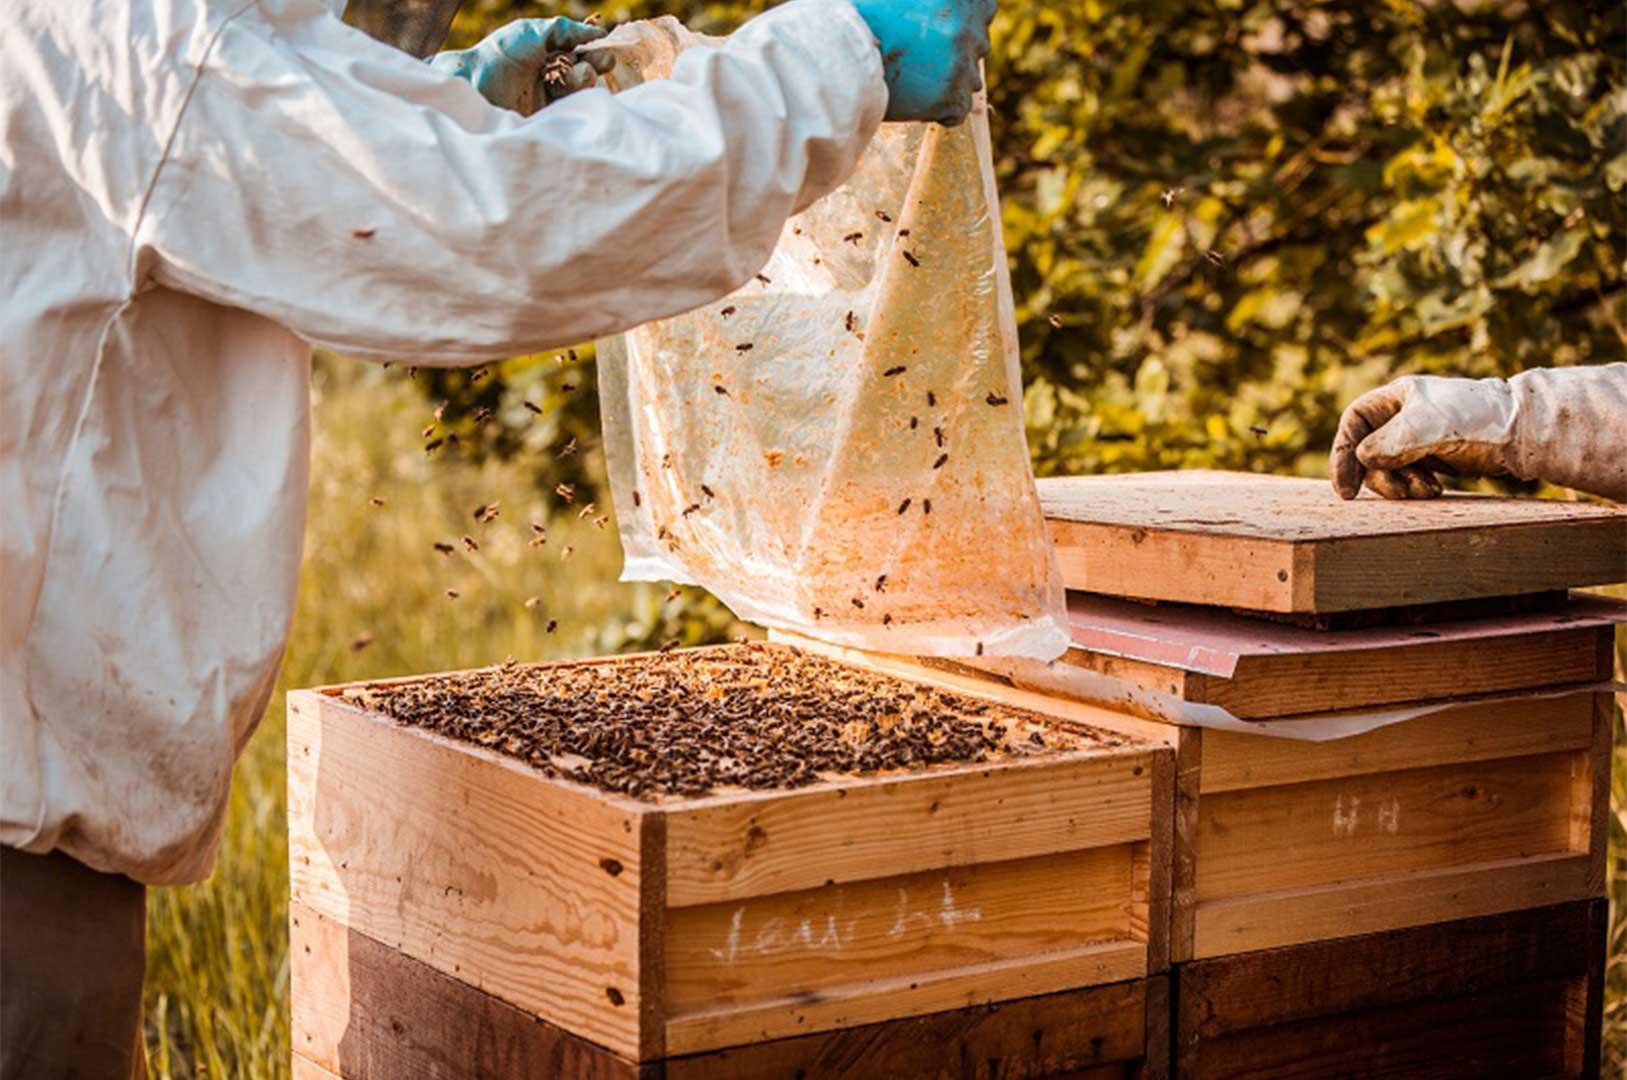 شعبهی پورشه در شهر لایپزیش ۲۵ کلونی از کندوهای زنبورعسل دارد که با مدیریت و تولید عسل از آنها، عسل خوراکی نیز تولید میکند.